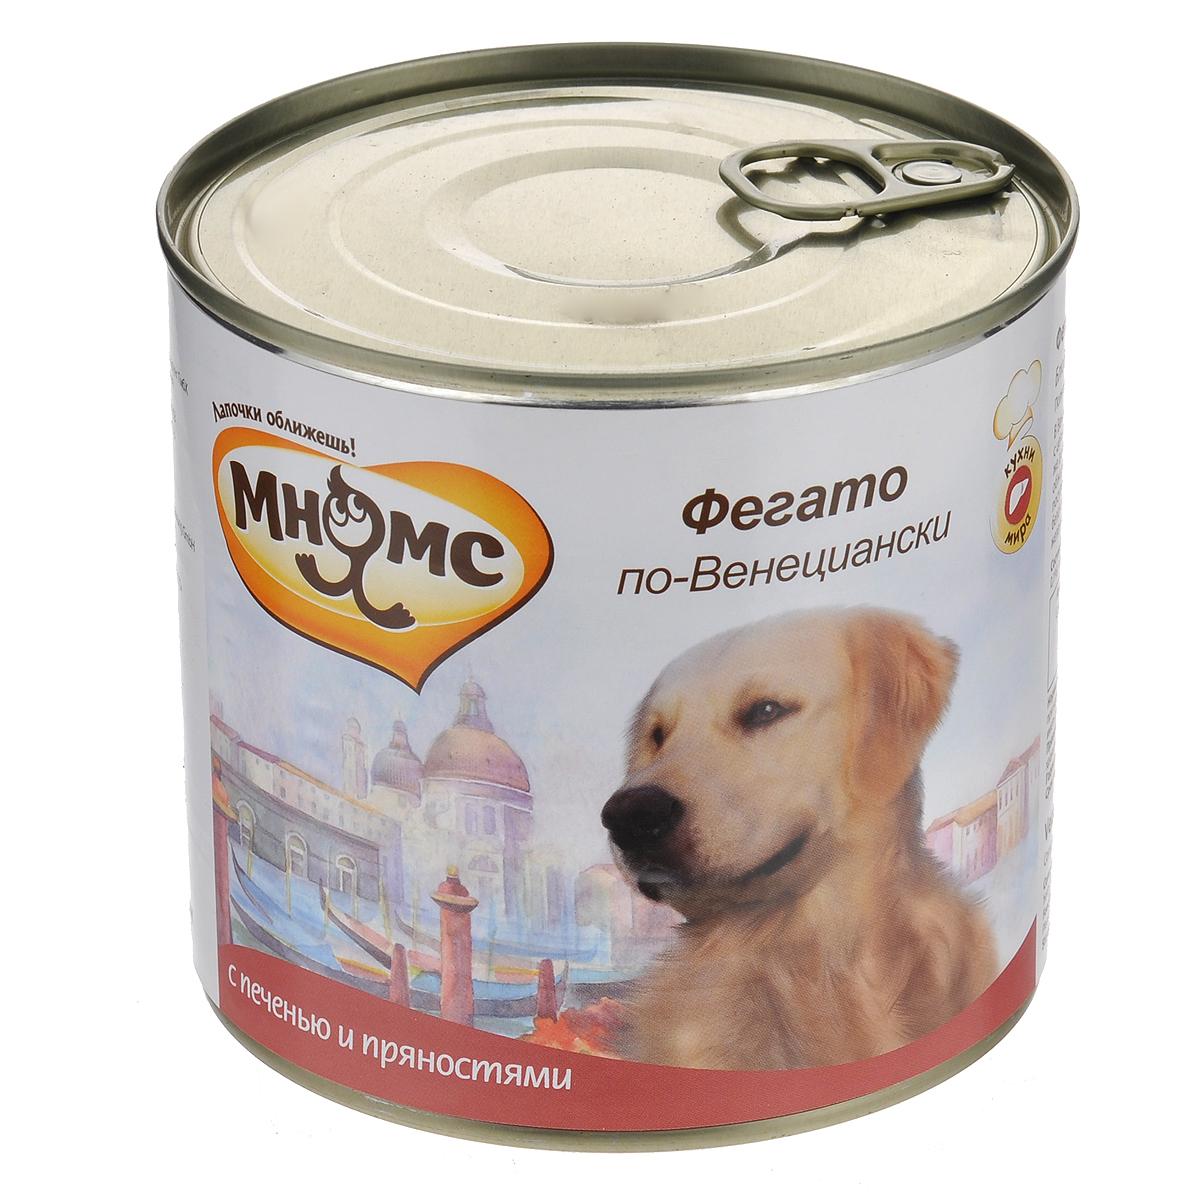 Консервы для собак Мнямс Фегато по-Венециански, с печенью и пряностями, 600 г0120710Полнорационные корма Мнямс, производимые в Германии, содержат все необходимое для здоровой и счастливой жизни вашего питомца. Входящие в состав ингредиенты абсолютно натуральны, сбалансированы и при этом обладают высокой вкусовой привлекательностью. В Венецию современный способ приготовления печени пришёл из Древнего Рима. Только римляне, с целью сделать печень более мягкой и придать ей сладковатый вкус, использовали инжир.Венецианцам же инжир обходился слишком дорого, поэтому они придумали добавлять для этой цели белый лук.Фегато готовят очень просто: отдельно обжаренный в оливковом масле лук и слегка тронутую огнём телячью печень соединяют в одной посуде и тушат буквально несколько минут с добавлением шалфея, бальзамика, лаврового листа и белого вина.Нежная сладкая телячья печень, благоухающая ароматом трав, делает это простое блюдо желанным на любом столе. При кормлении необходимо учитывать возраст и активность животного. Собака всегда должна иметь доступ к свежей питьевой воде.Состав: мясо (70%), из них телятина (50%), говядина (13%), телячья печень (7%); минералы, масла и жиры (льняное масло 0,1%), прованские травы (0,2%).Пищевая ценность: витамин Е (30 мг), витамин D3 (200 МЕ), цинк (15 мг), марганец (3 мг), йод (0,75 мг), селен (0,03 мг).Анализ: белок 10,8%, жир 6,5%, клетчатка 0,4%, зола 2,4%, влажность 79%.Вес: 600 г. Товар сертифицирован.